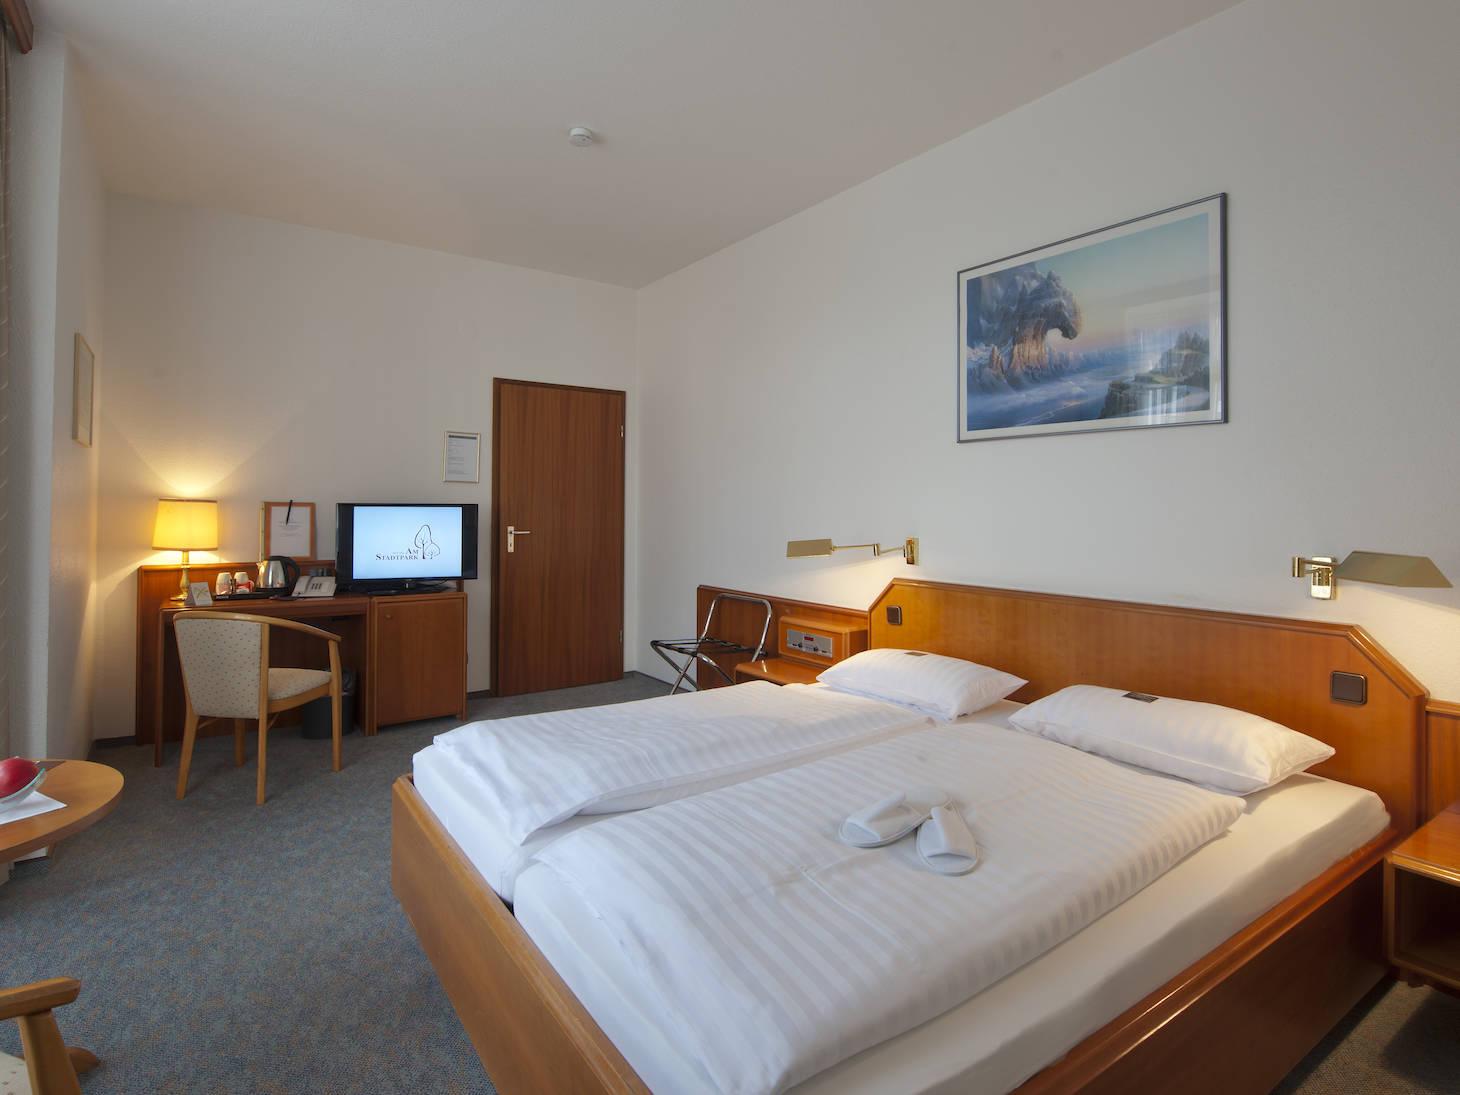 Zimmer Hotel am Stadtpark Buxtehude 3 uai